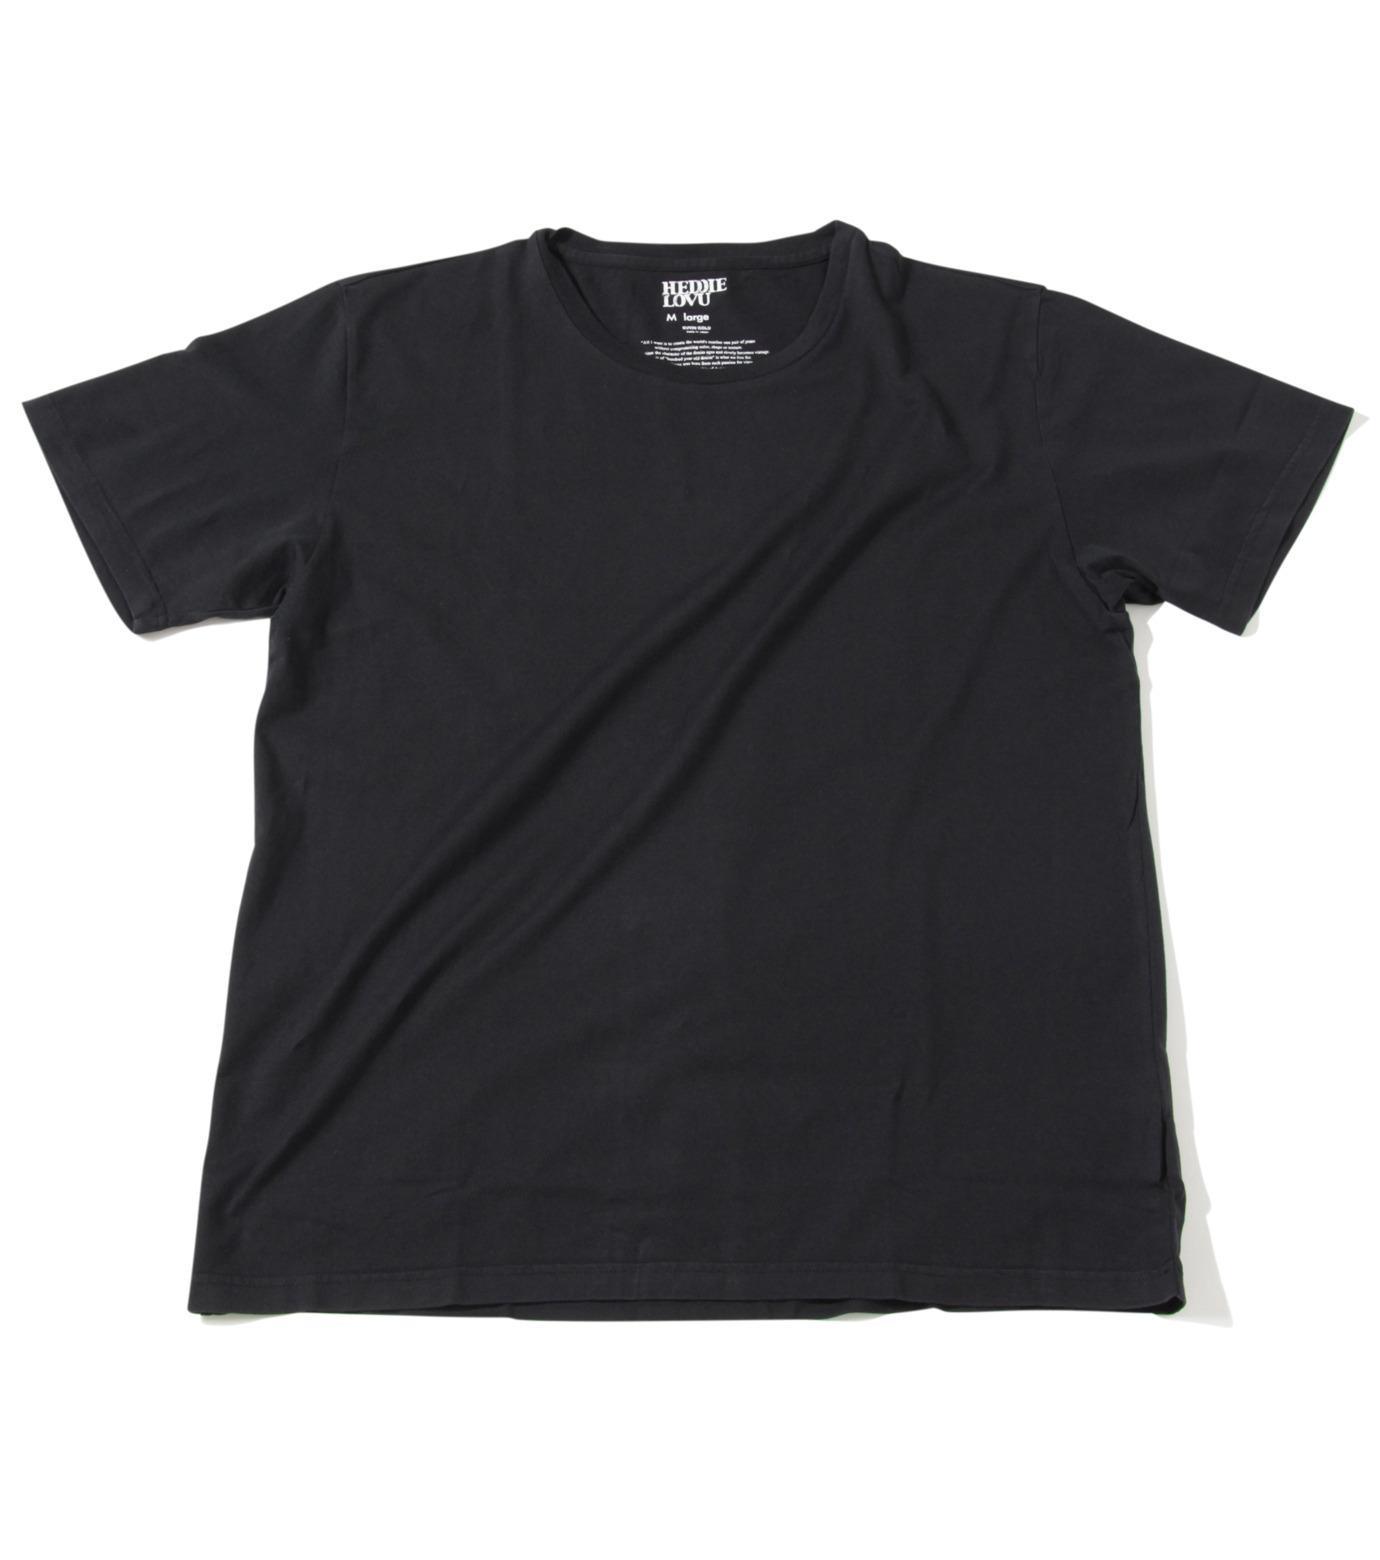 Heddie Lovu(エディー ルーヴ)のU NECK 【MACHO】-BLACK(カットソー/cut and sewn)-ST-M1-00-14A 拡大詳細画像1